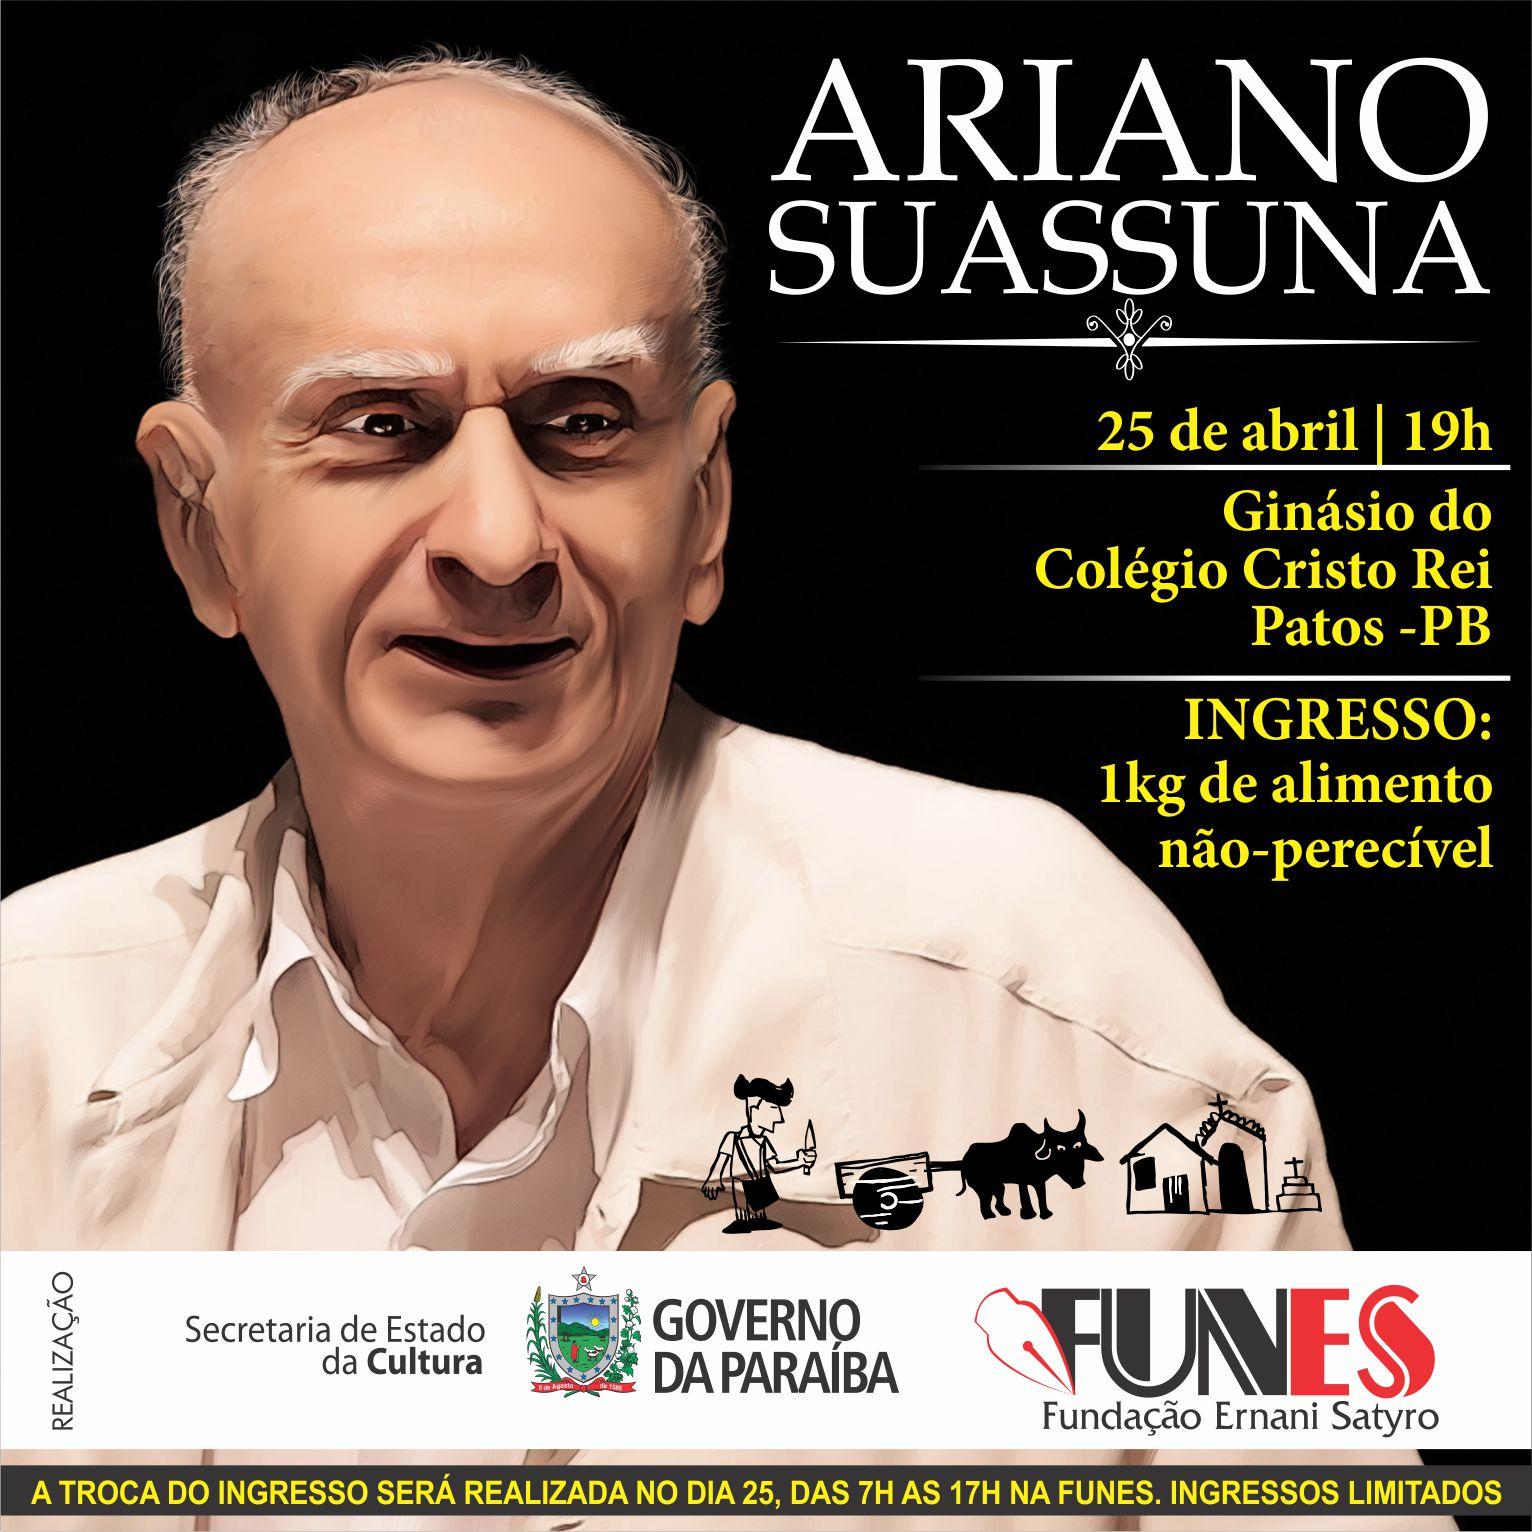 """FUNES Promove Abril Cultural com o """"Três da Matina"""" e  Ariano Suassuna"""